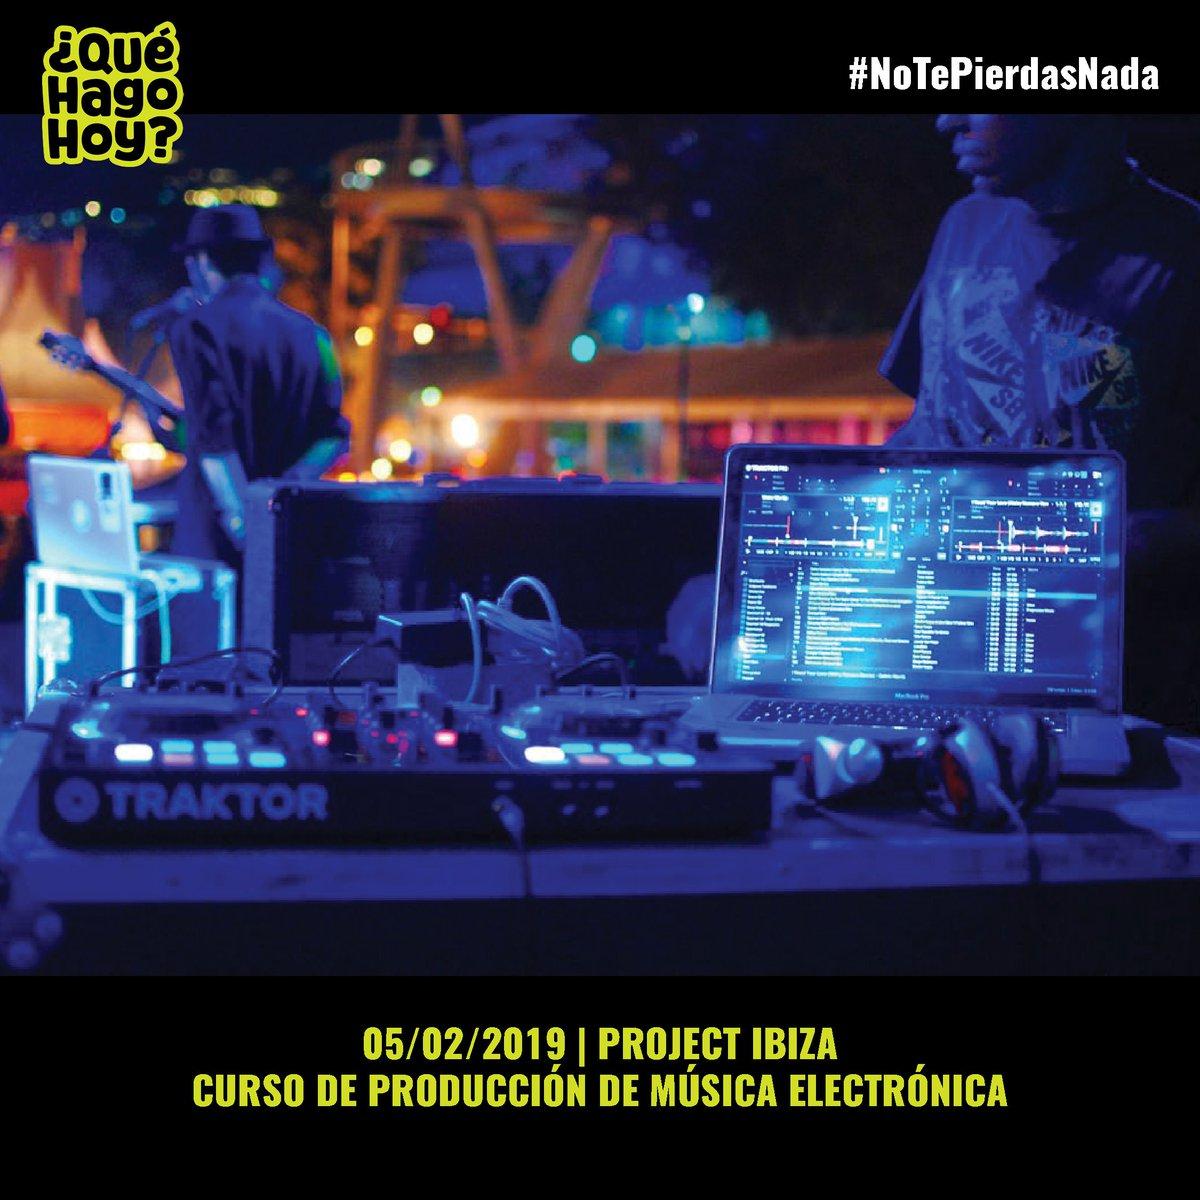 ¿Te gustaría producir tu propia música electrónica? ¿No sabes como empezar? Tenemos una solución para ti 👌🏽 Project Ibiza  organiza un curso de producción de música electrónica para novatos (y  no tanto). Quedan pocas plazas, así que reserva ya la tuya: 644 404 707 💥🔥